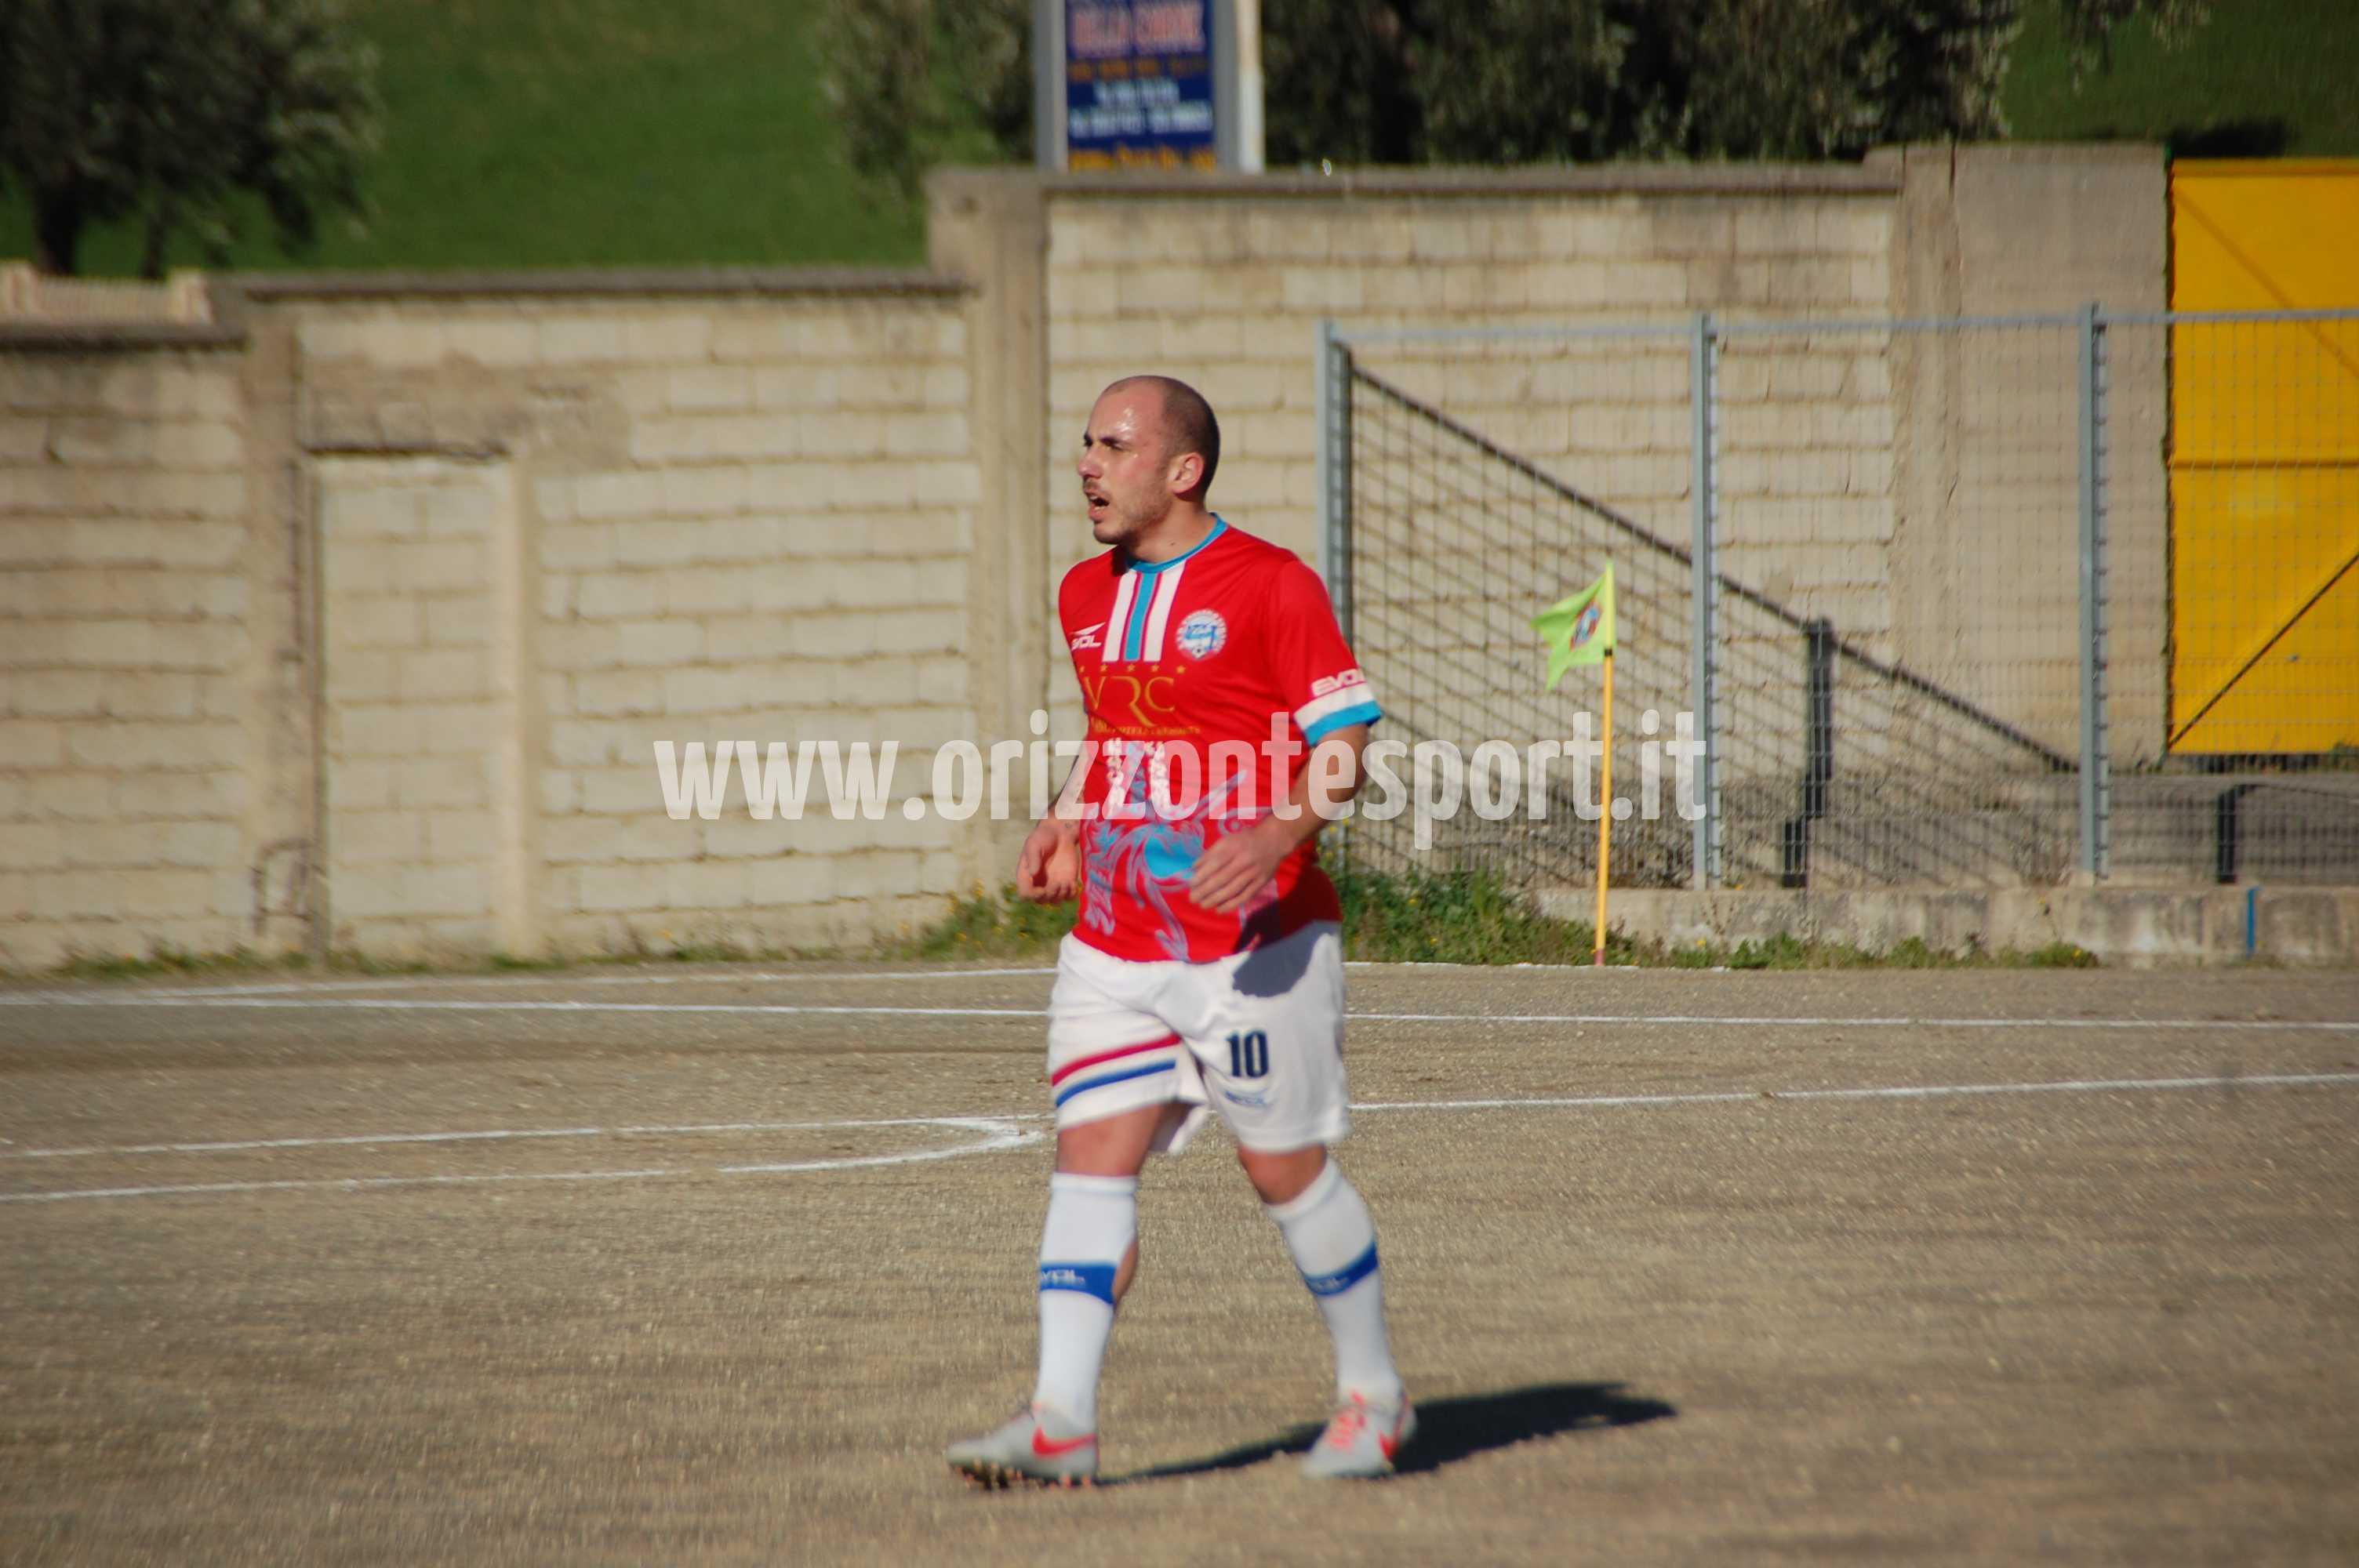 cassano_aprigliano (72)